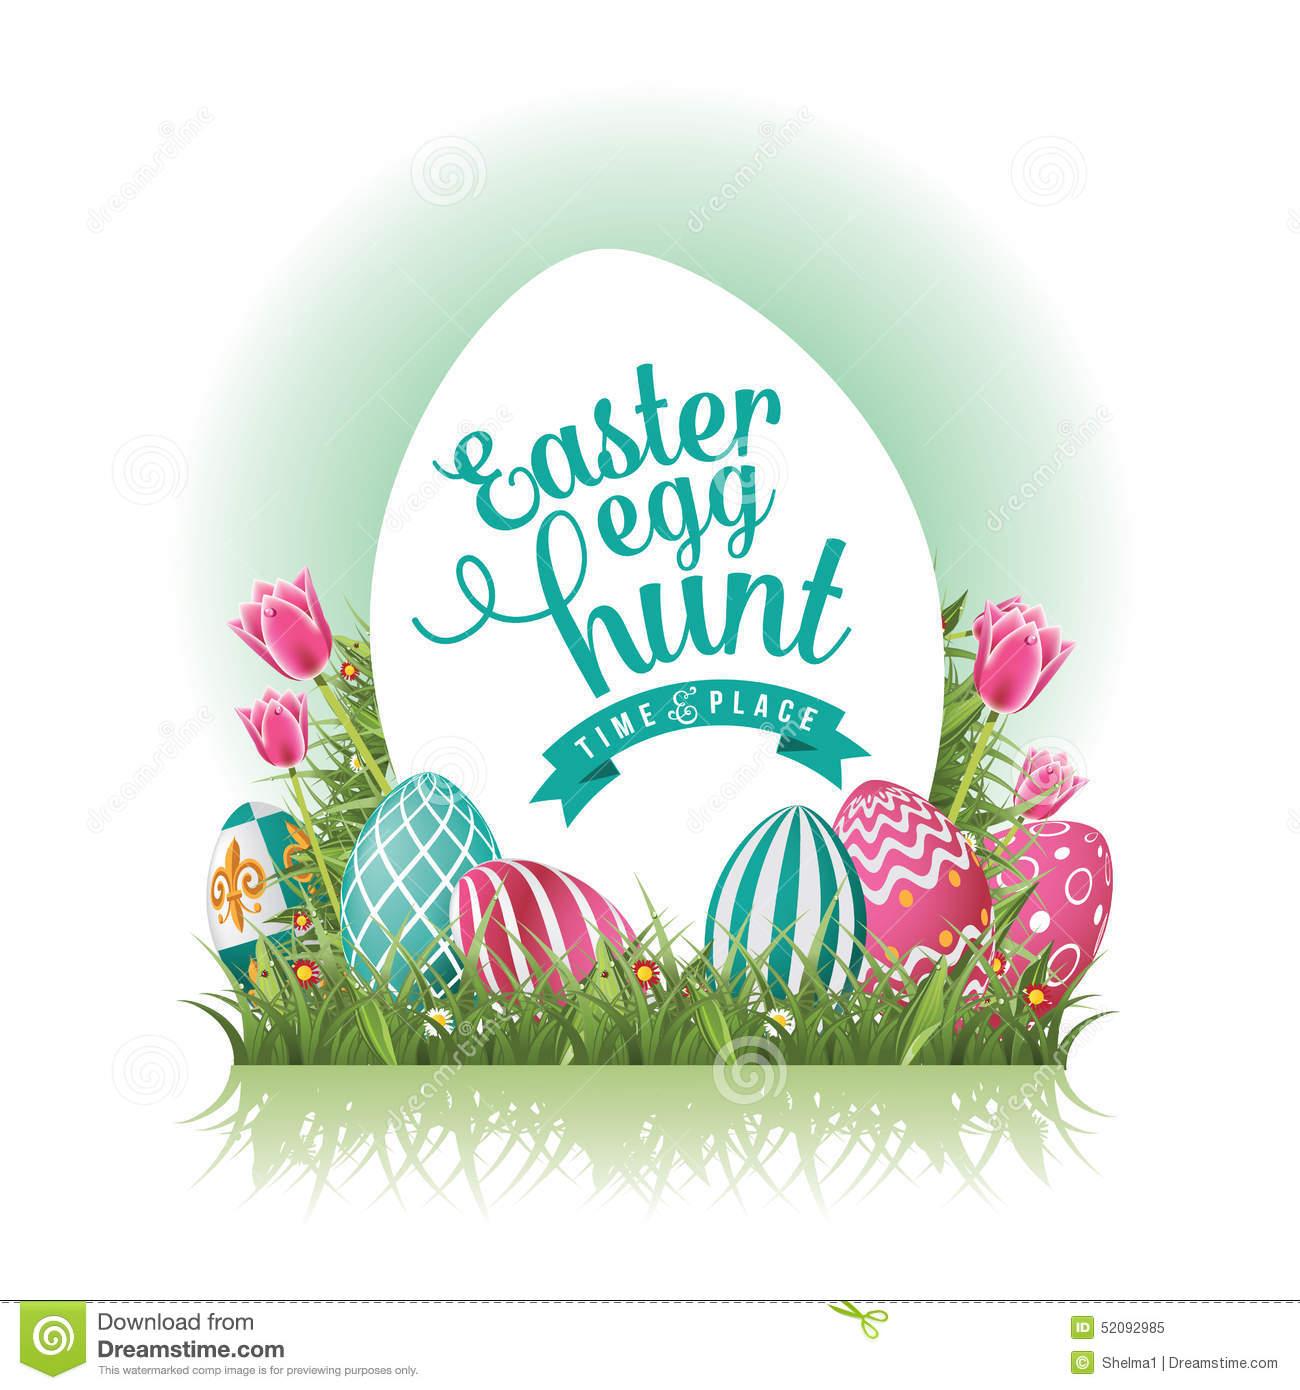 Clipart of easter egg hunt free stock Easter Egg Hunt Design EPS 10 Vector Stock Vector - Image: 52092985 free stock